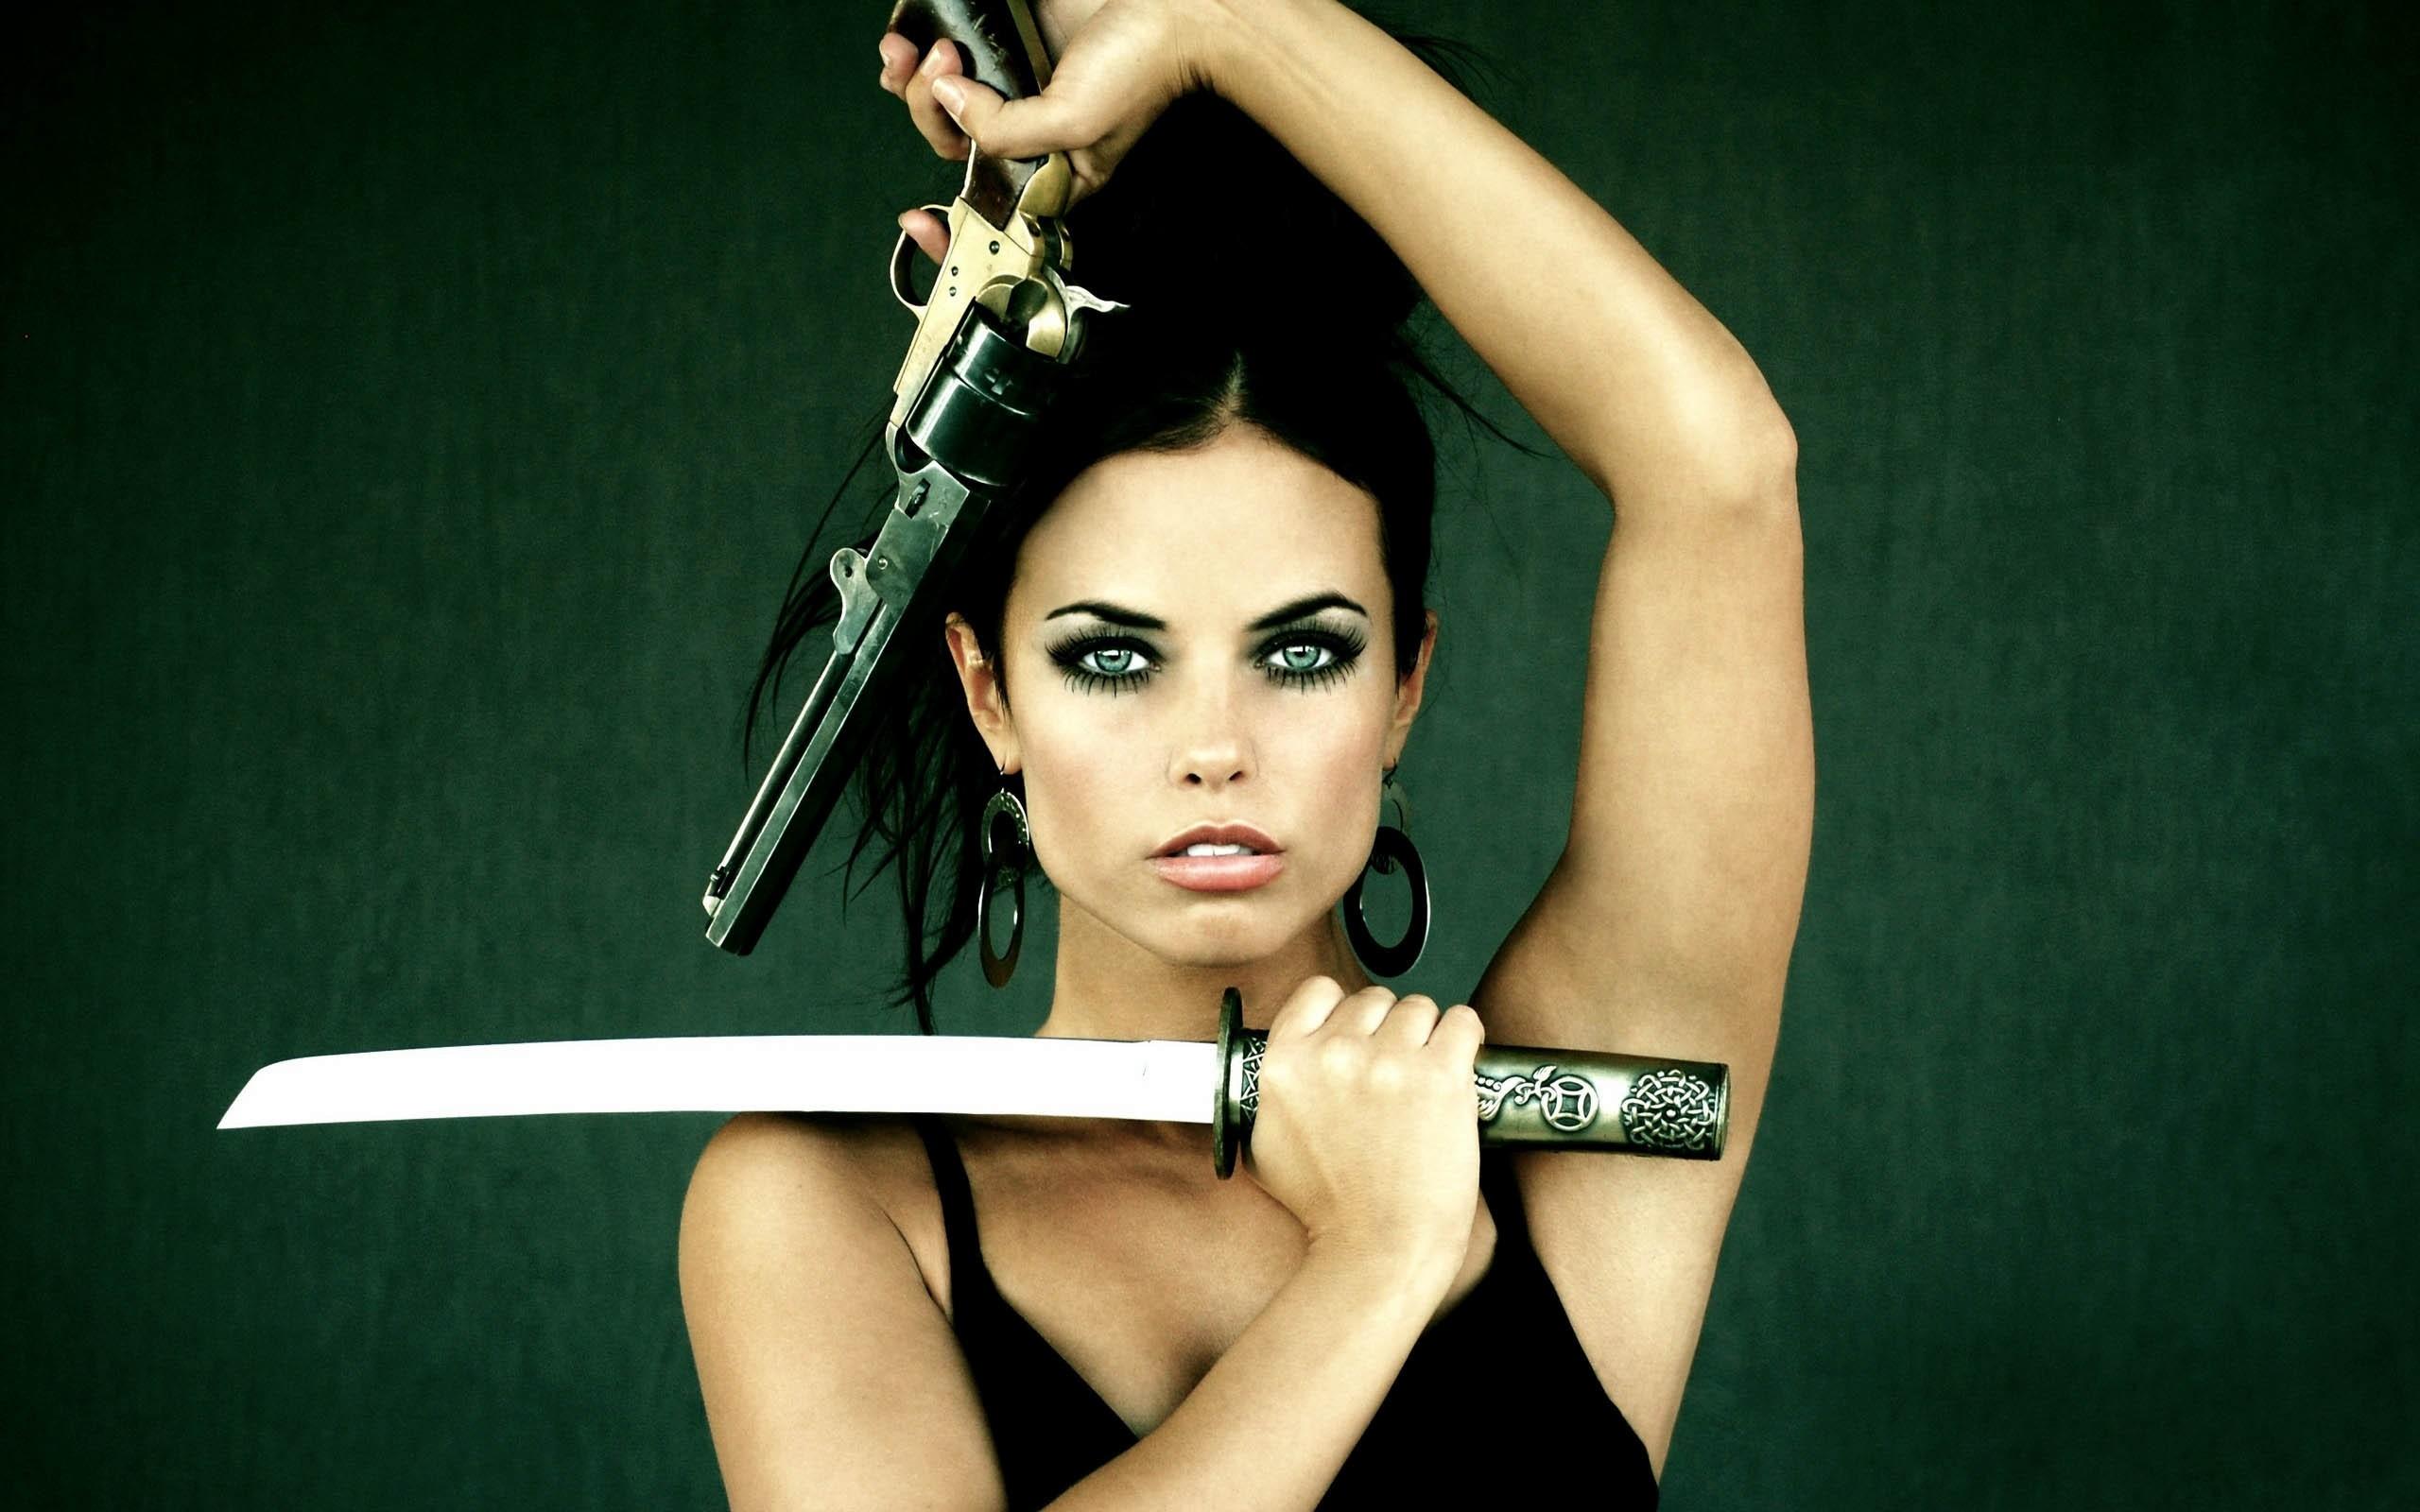 Chica con armas - 2560x1600